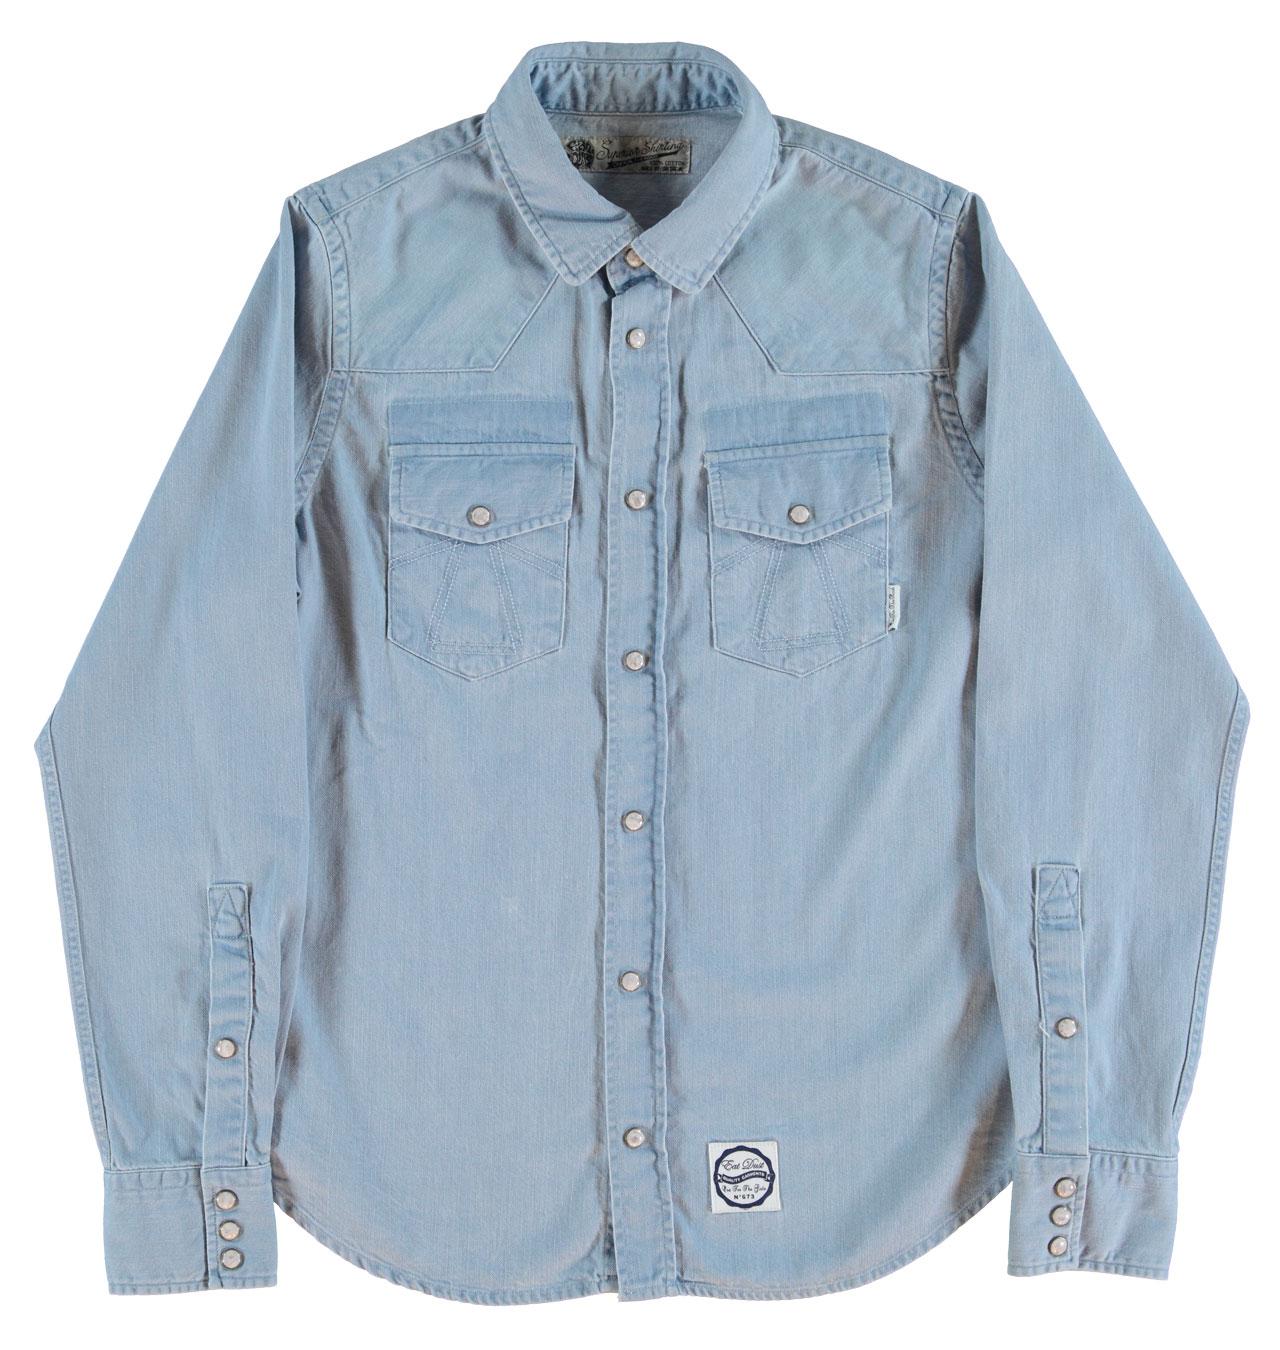 Girls Of Dust Womens Western Denim Shirt Light Blue